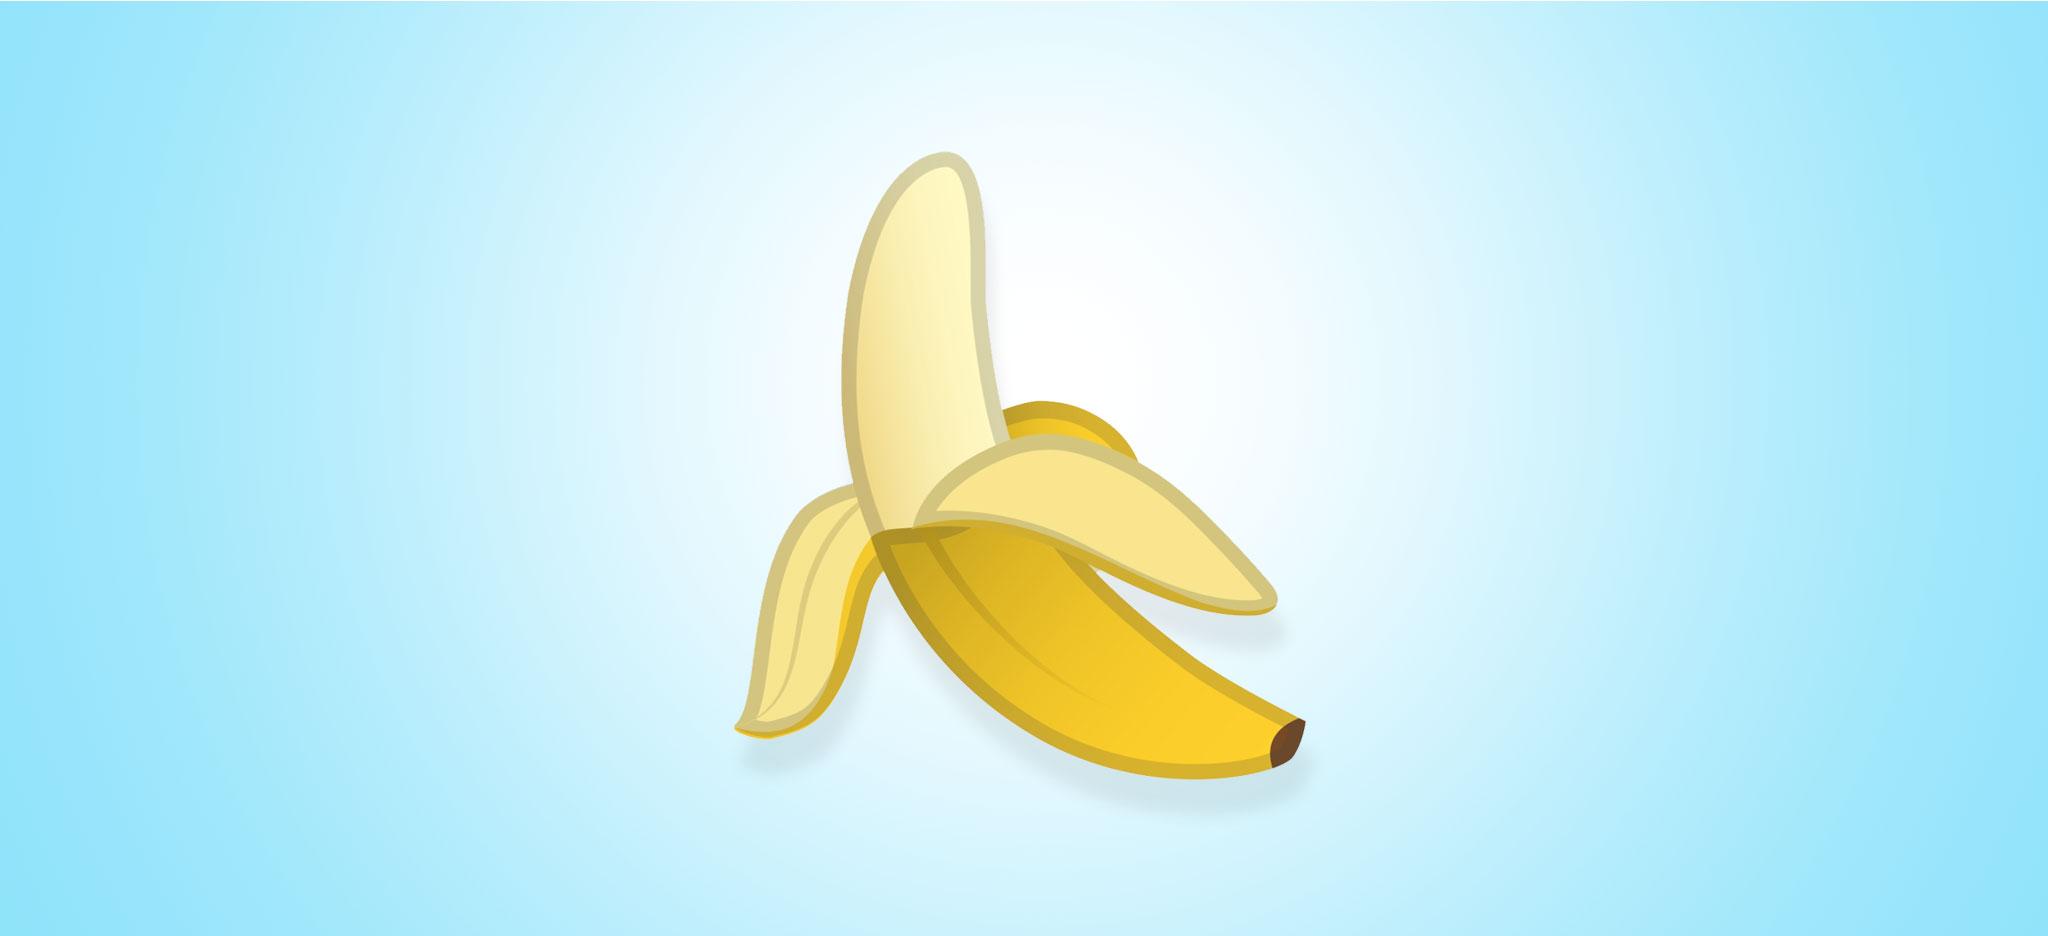 Banana Emoji